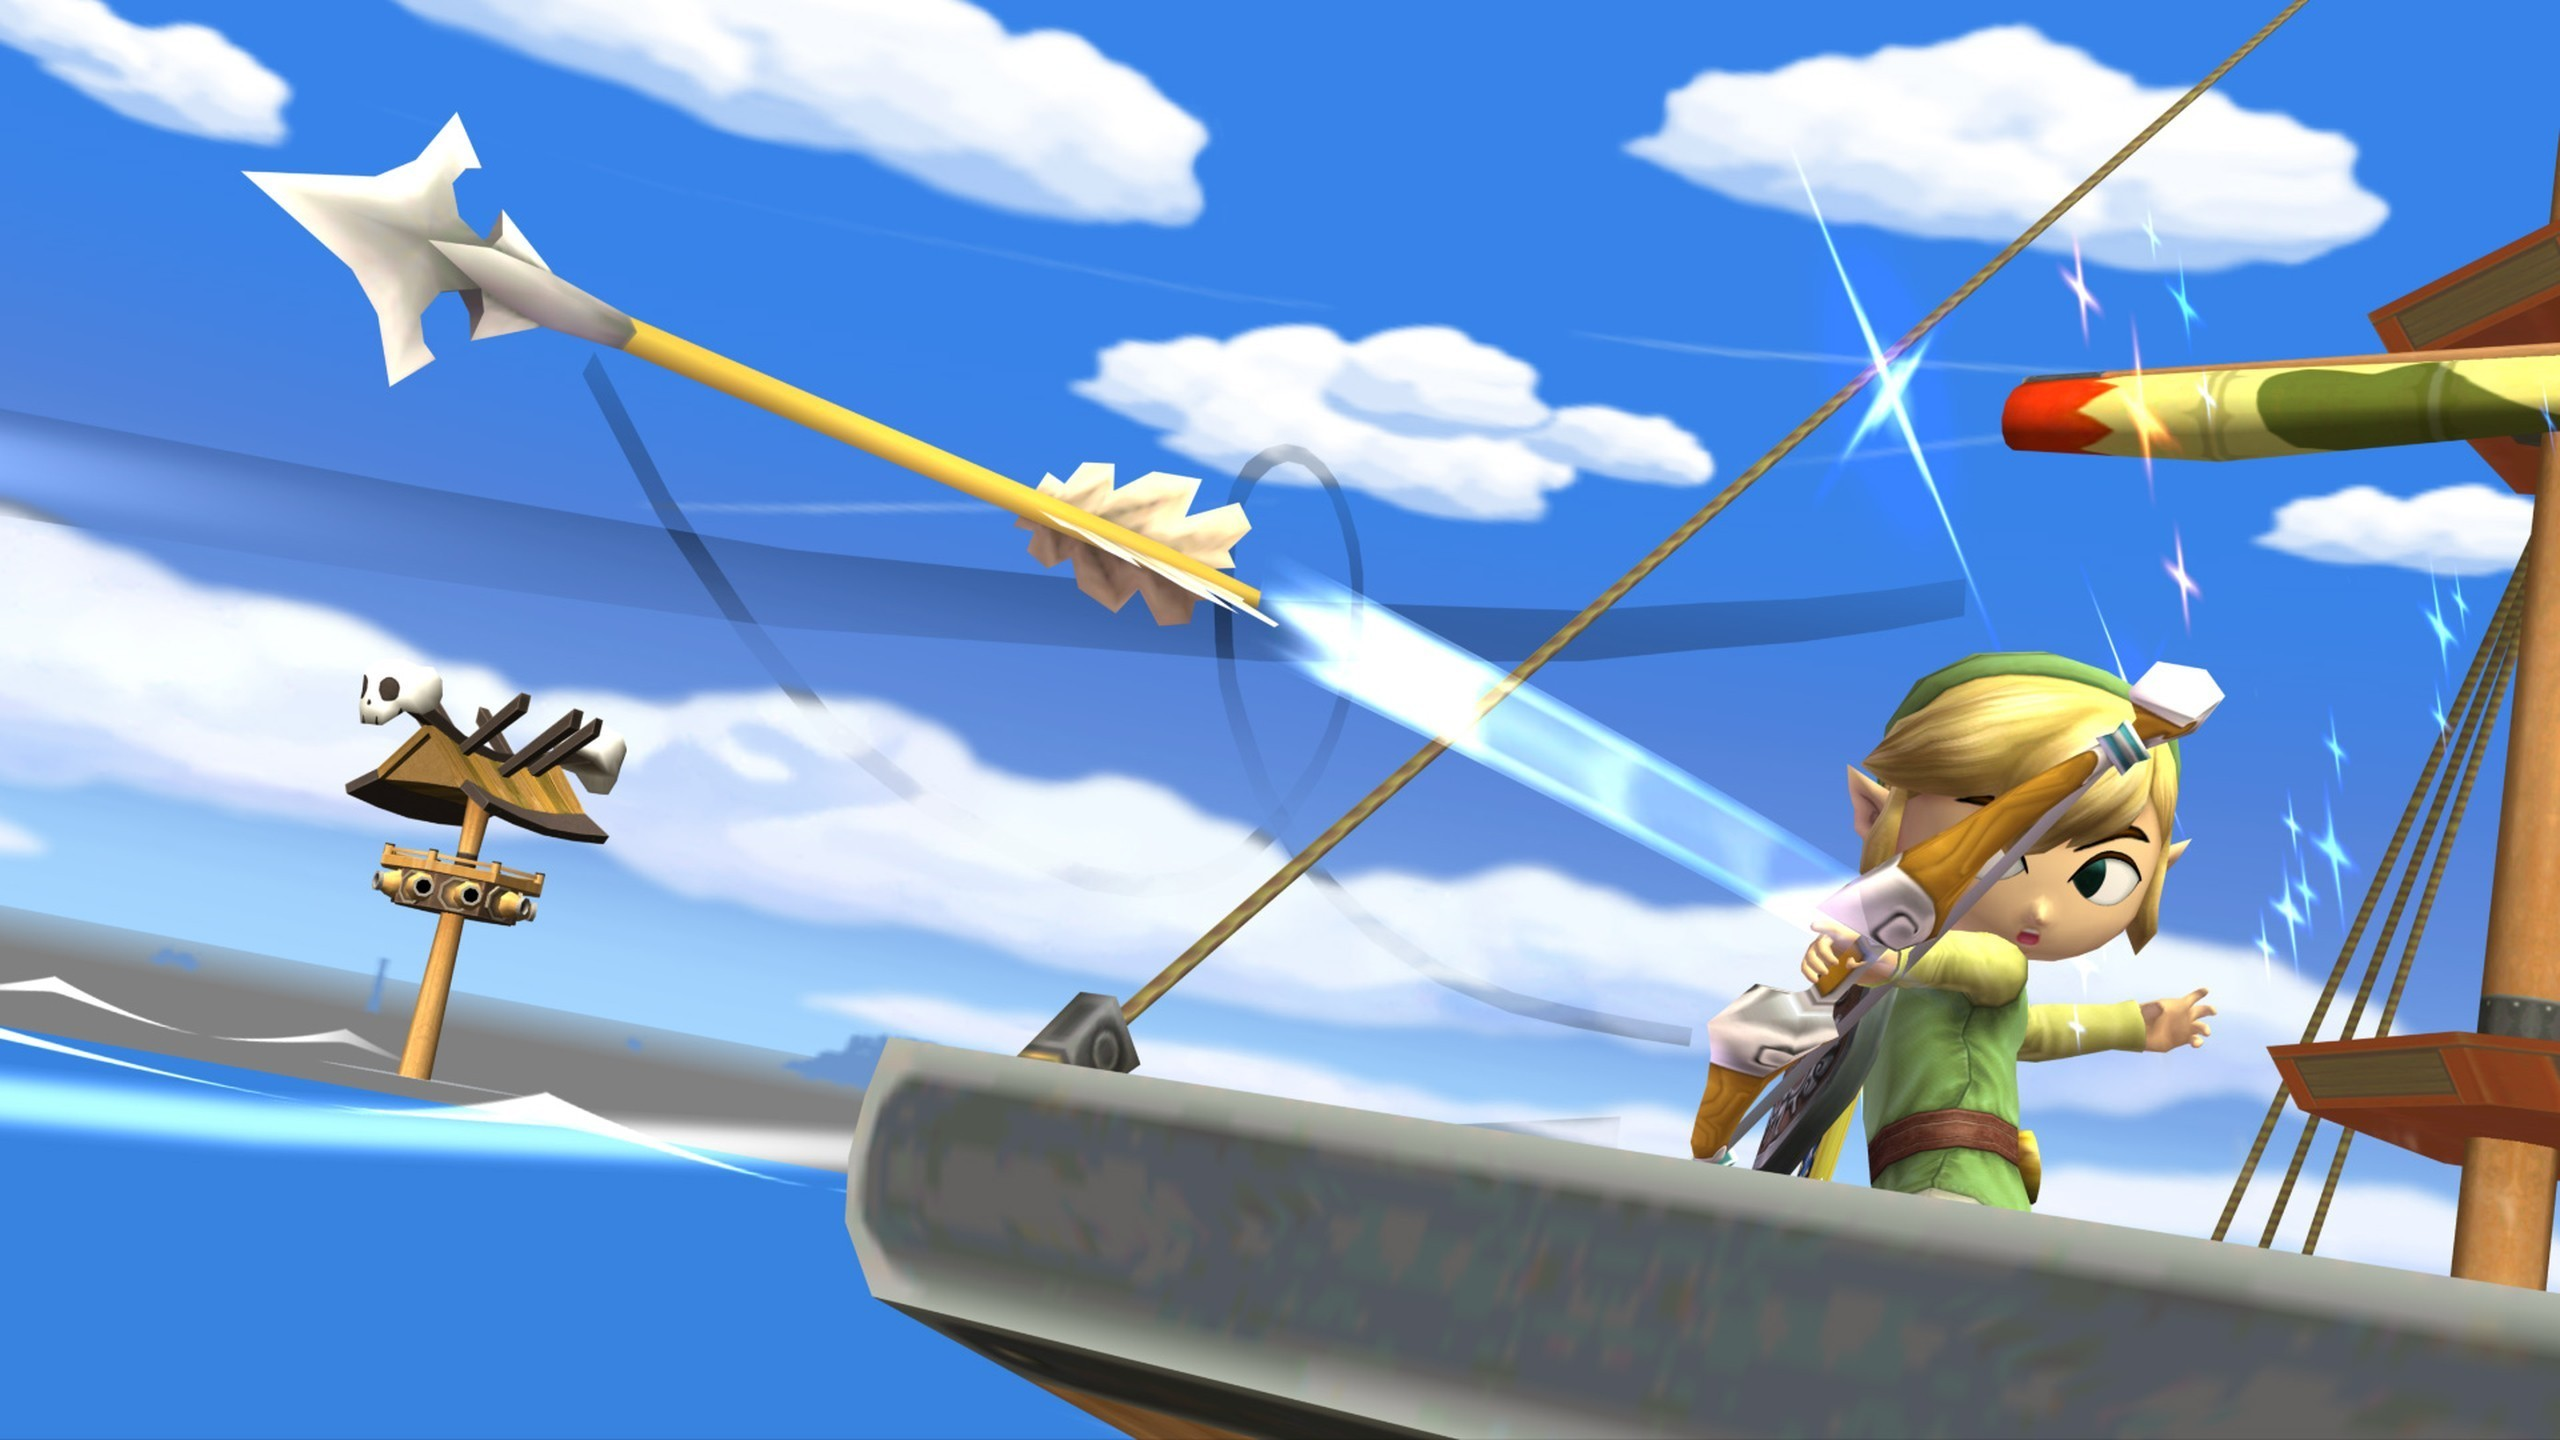 81 Zelda Wind Waker Hd